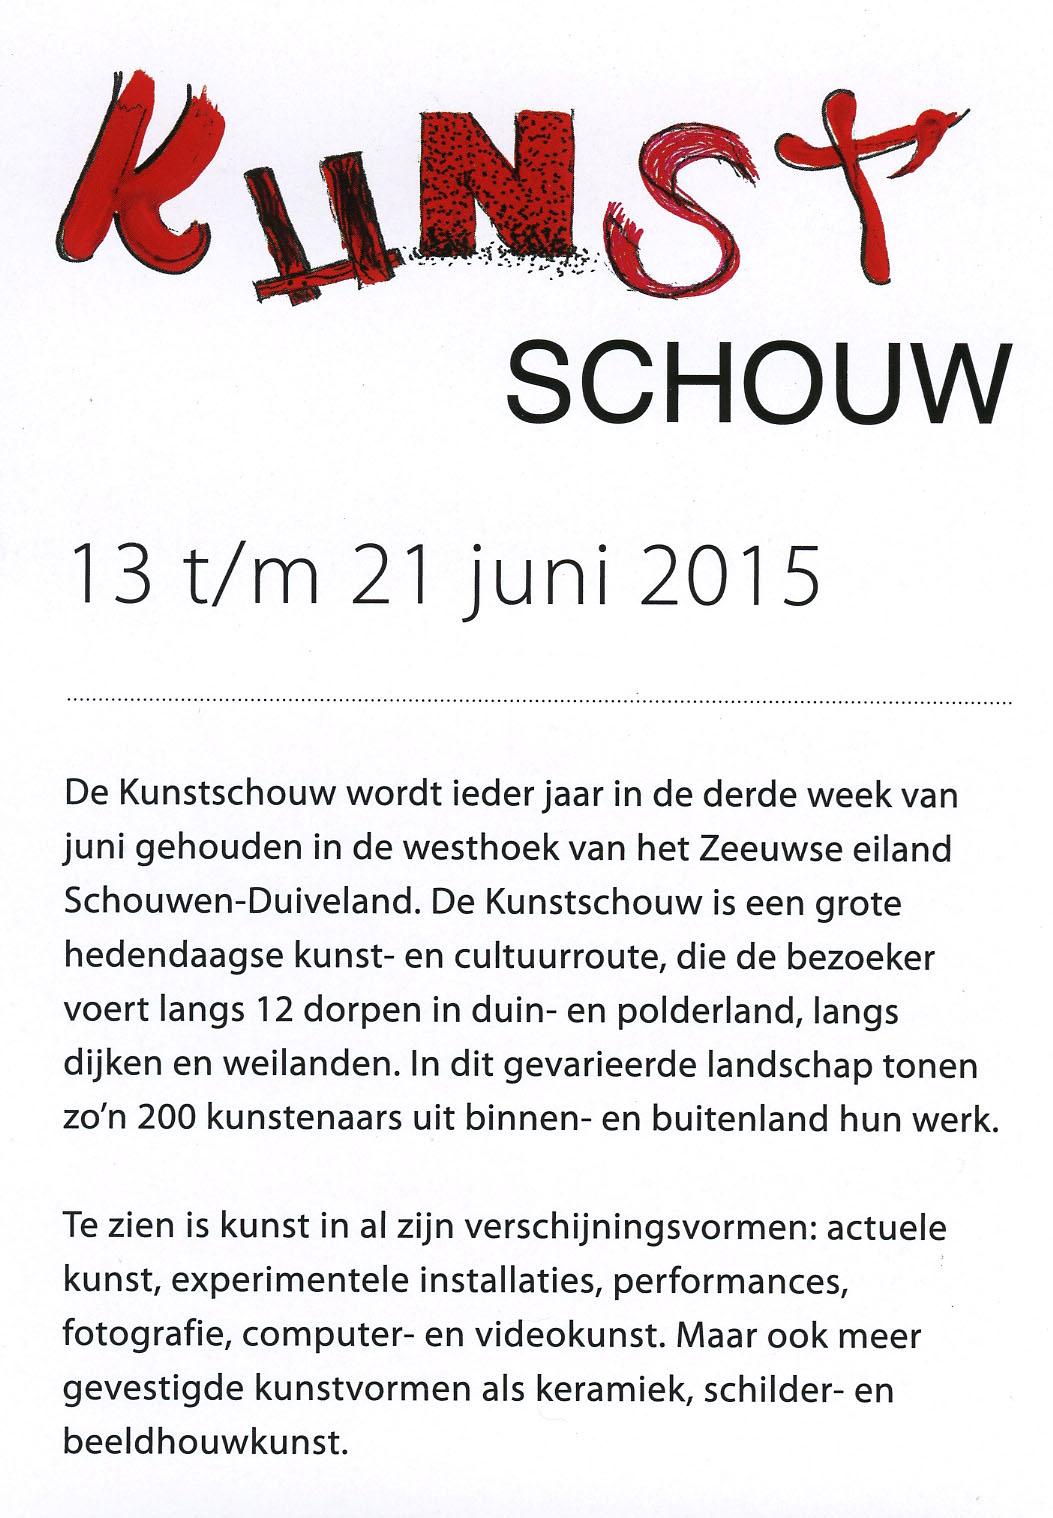 Kunstschouw 2015